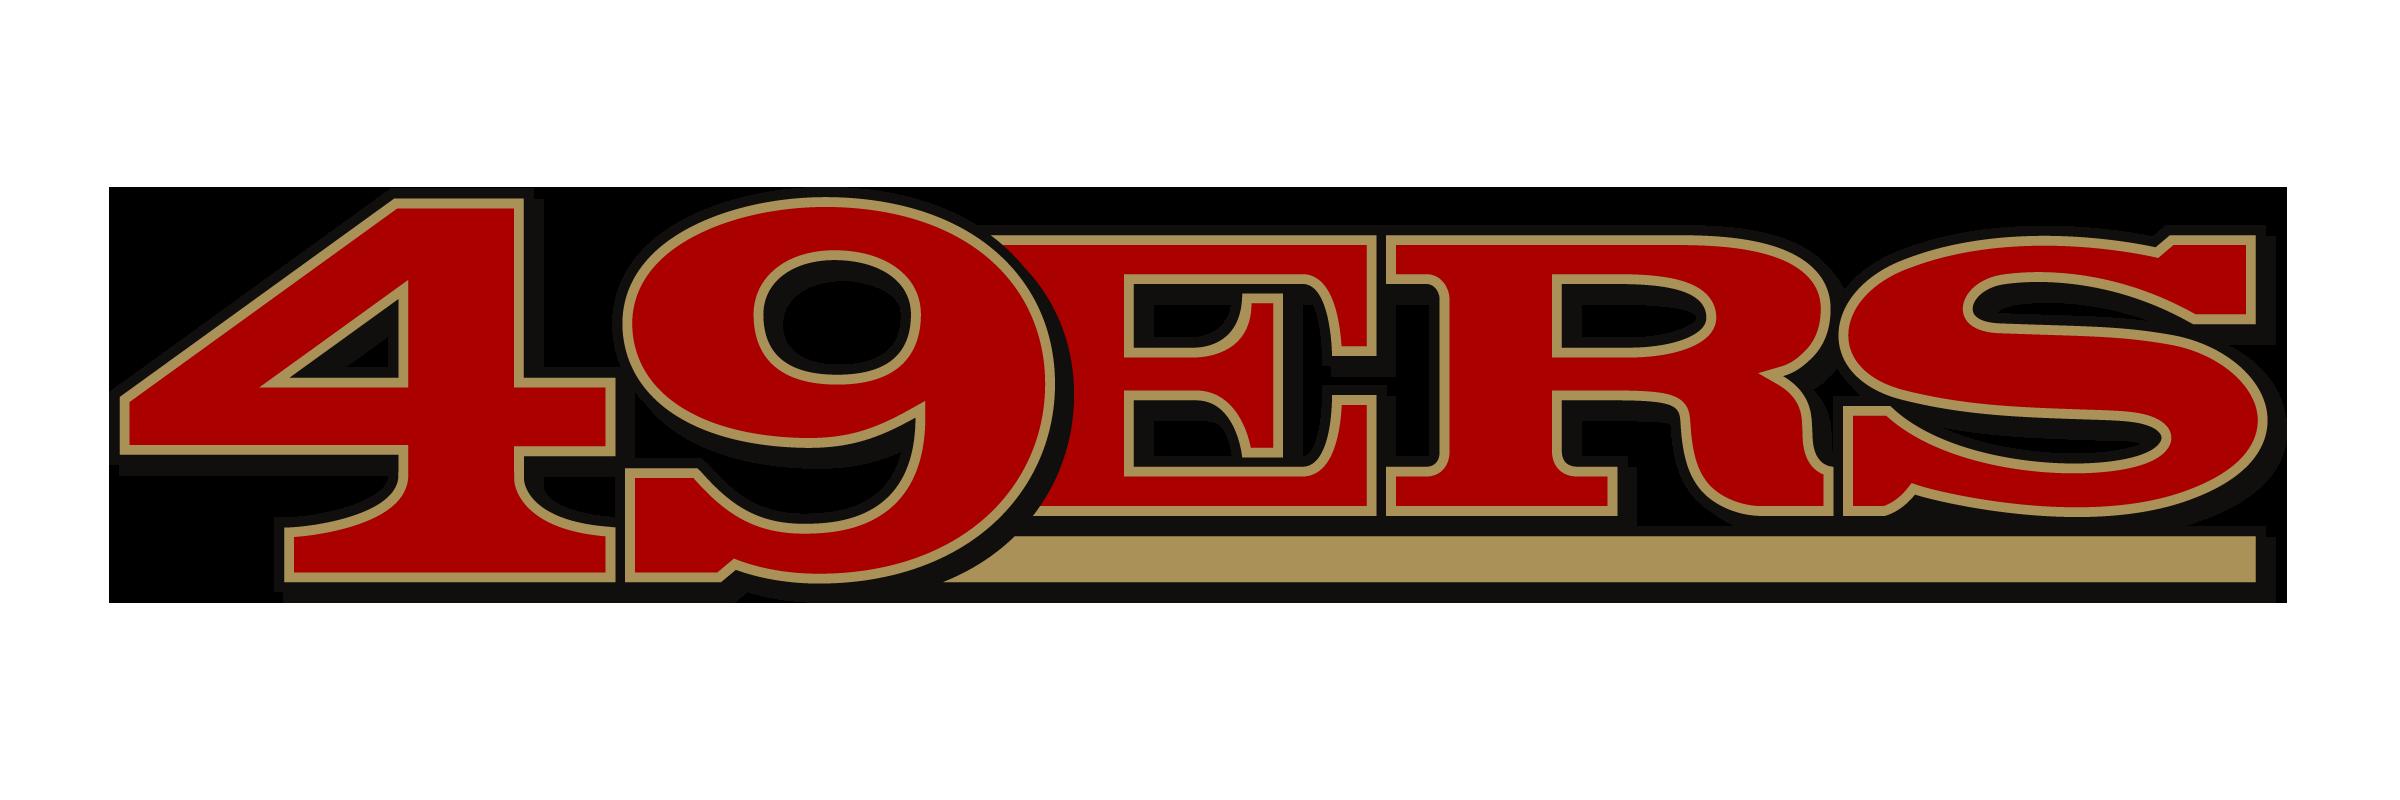 san francisco 49ers logo png transparent svg vector freebie supply rh freebiesupply com